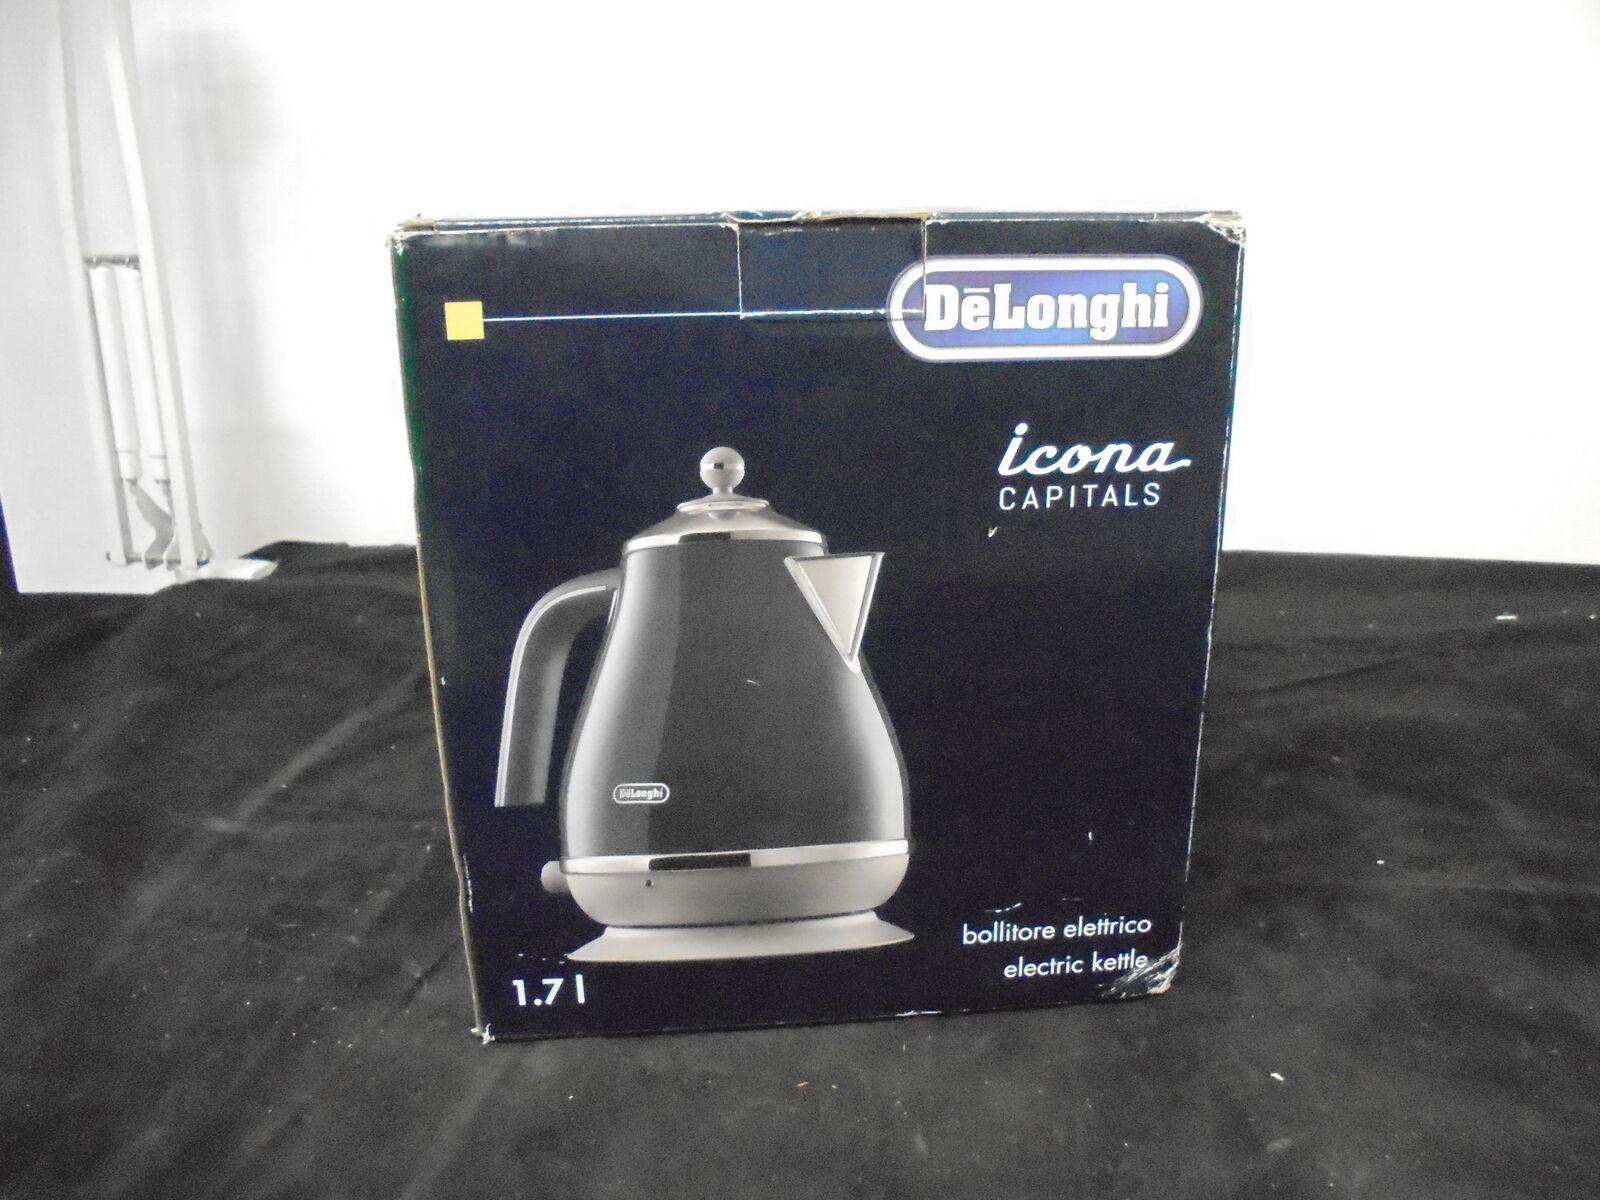 DELONGHI Icona Capitals KBOC3001.BL Jug Kettle Blue